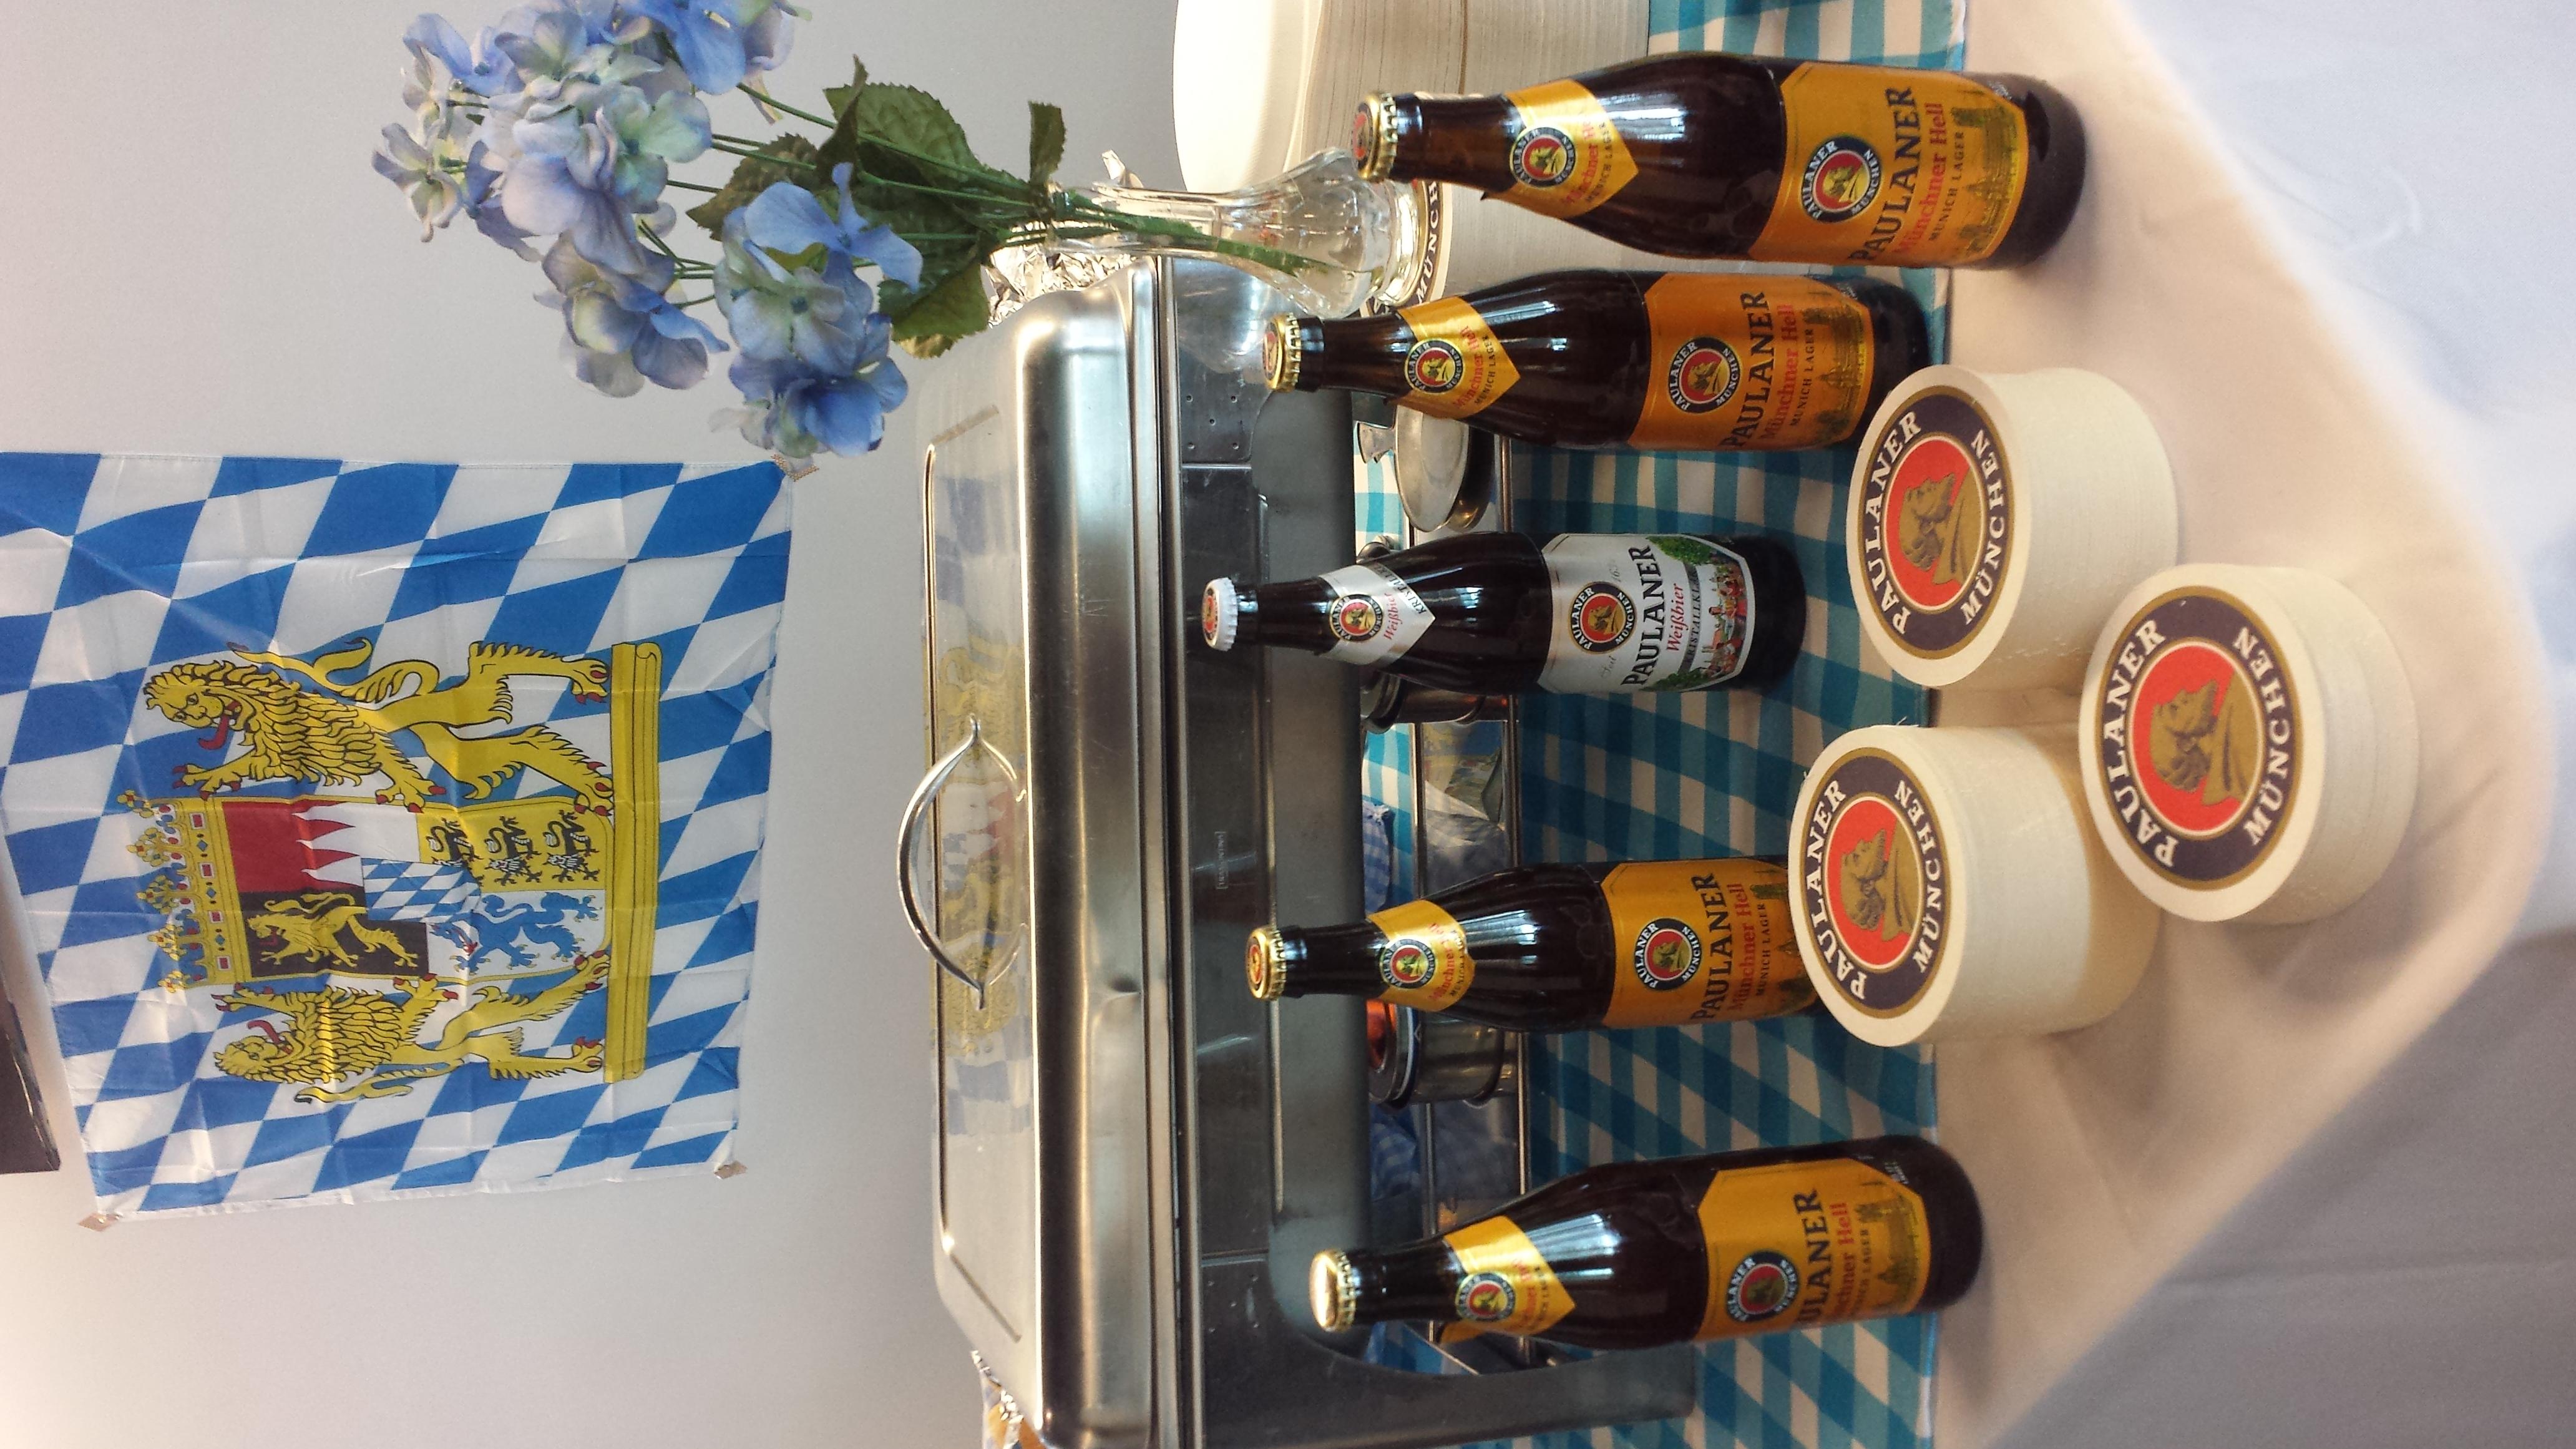 ¡Salchichas y cervezas!